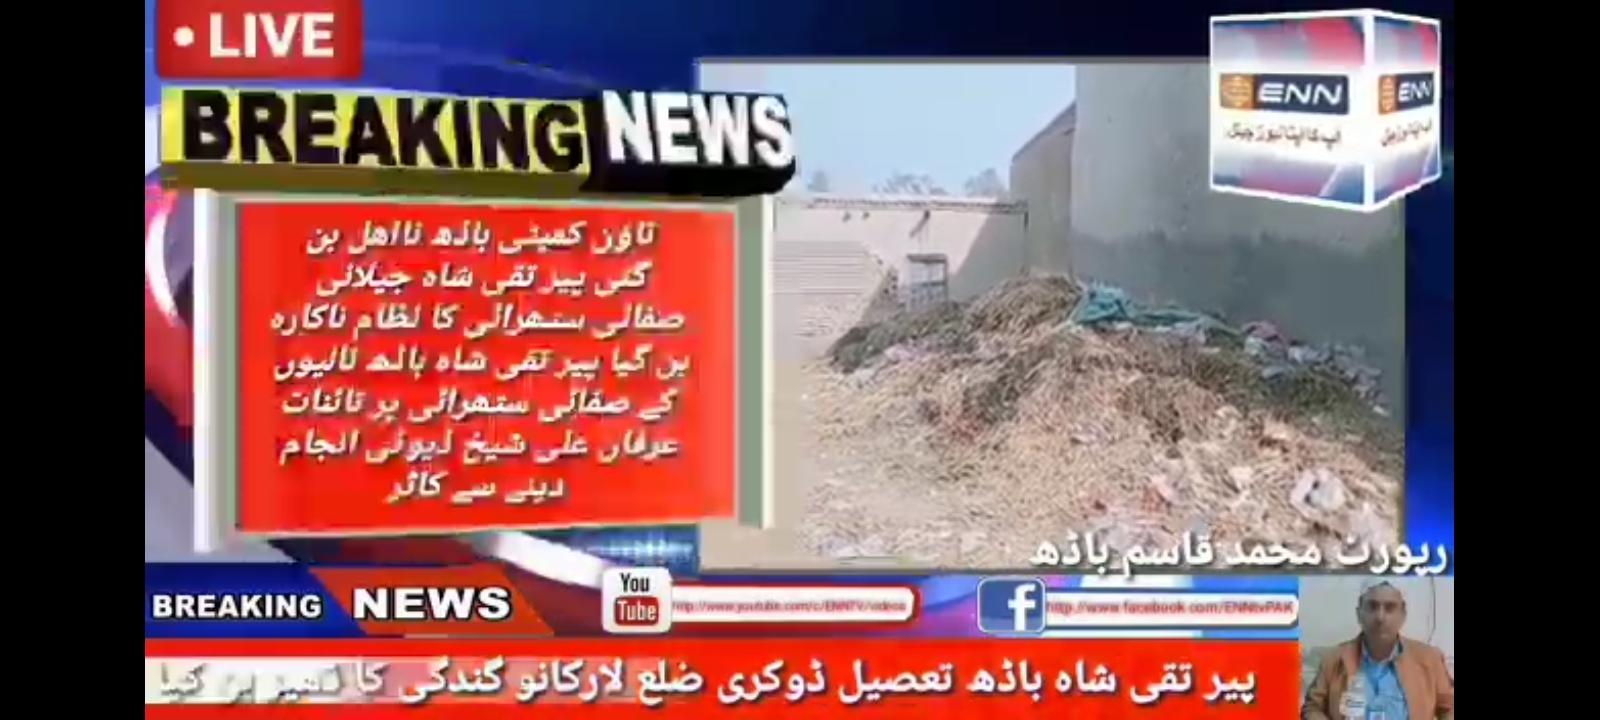 پیر تقی شاہ باڈھ تعصیل ڈوکری ضلع لارکانو گندگی ڈھیر  بن گیا